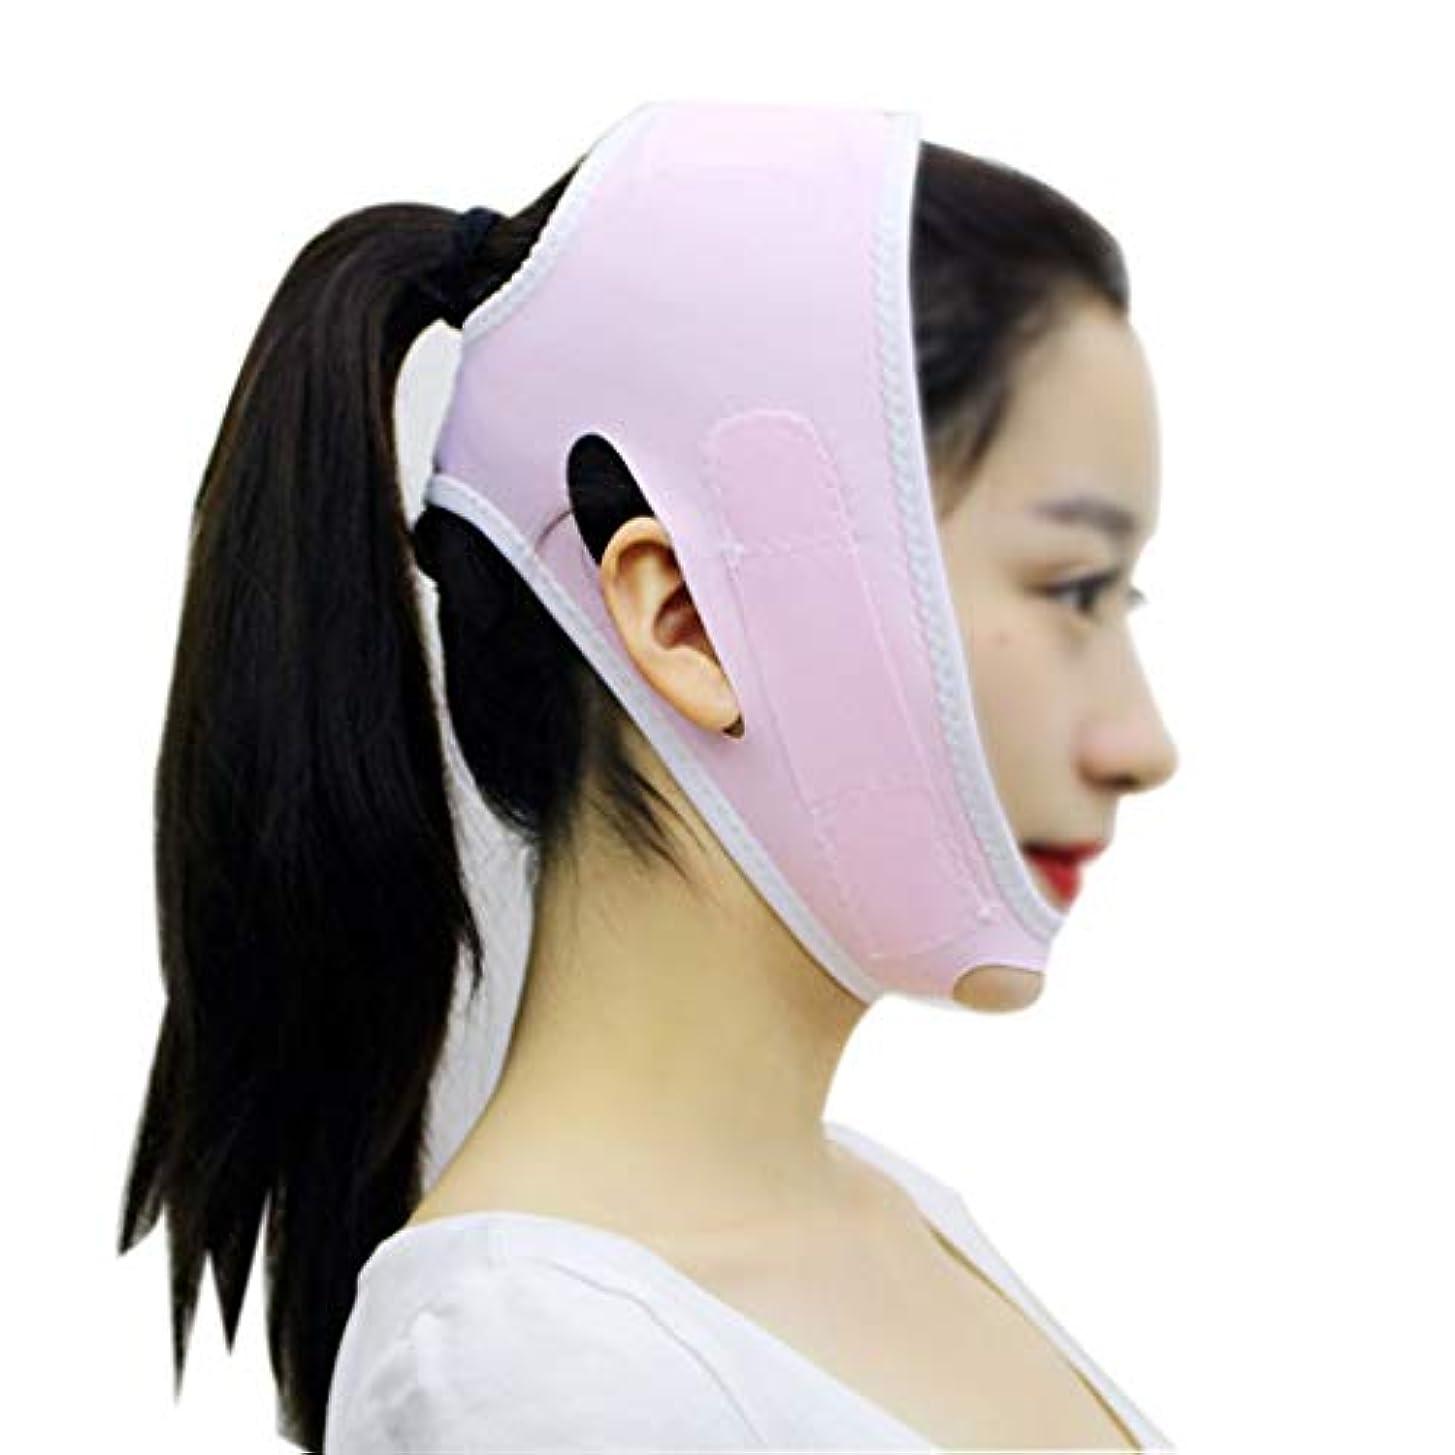 牛肉ネット転倒GLJJQMY 引き締め肌の薄い二重あごマスクを強化するためのフェイスリフティング包帯回復マスク 顔用整形マスク (Color : Pink)